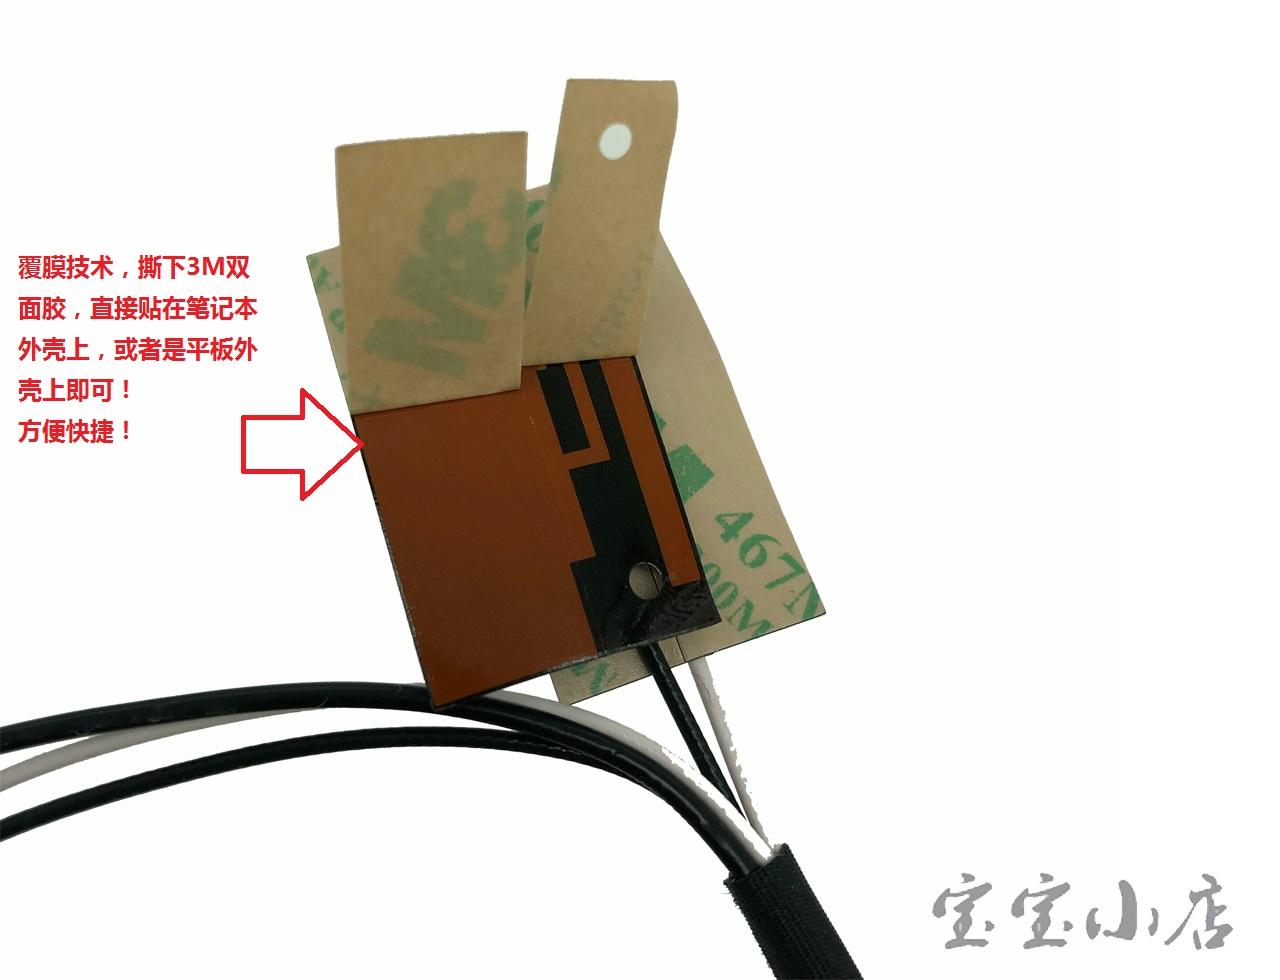 笔记本无线天线断了 DIY 修复 ACON 2.4G/5G笔记本平板电脑上网本内置wifi蓝牙无线网卡天线